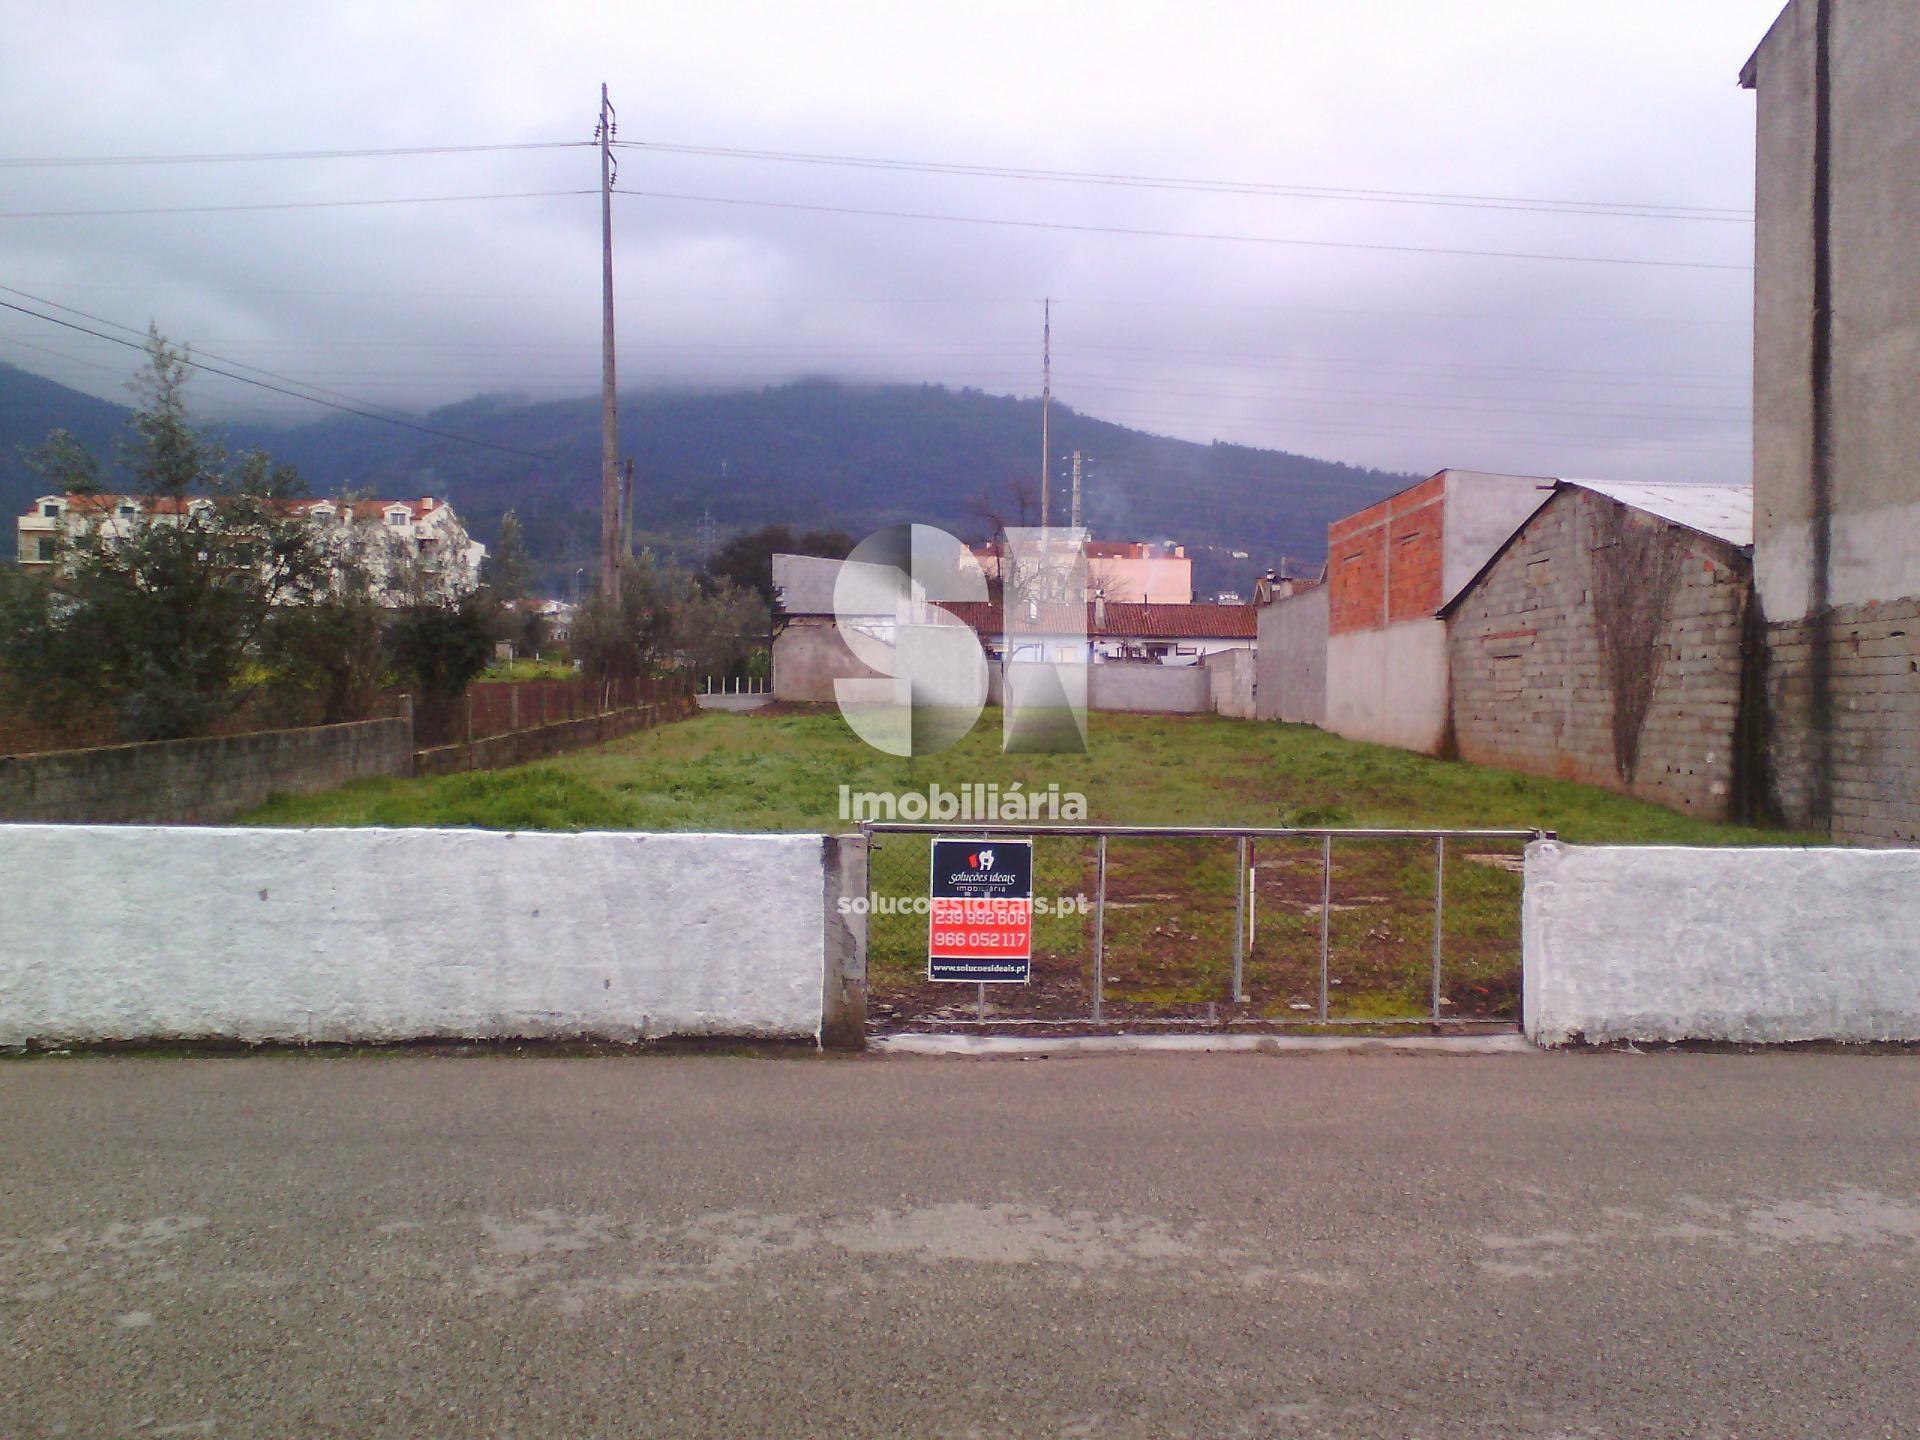 terreno para compra em lousa uniao das freguesias de lousa e vilarinho LSAAC315